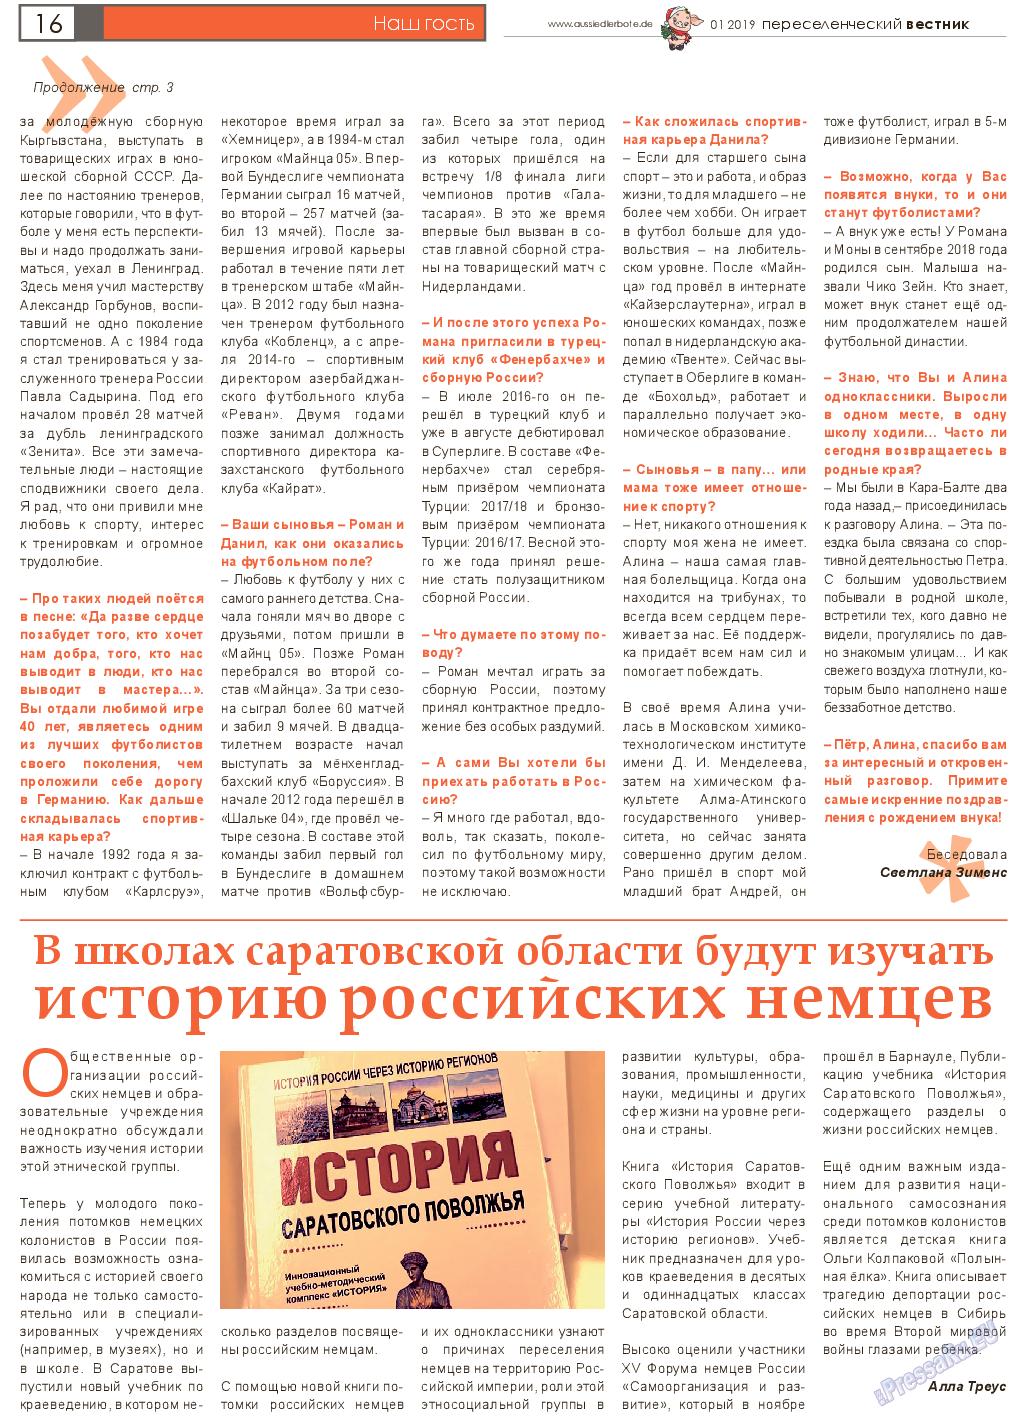 Переселенческий вестник (газета). 2019 год, номер 1, стр. 16